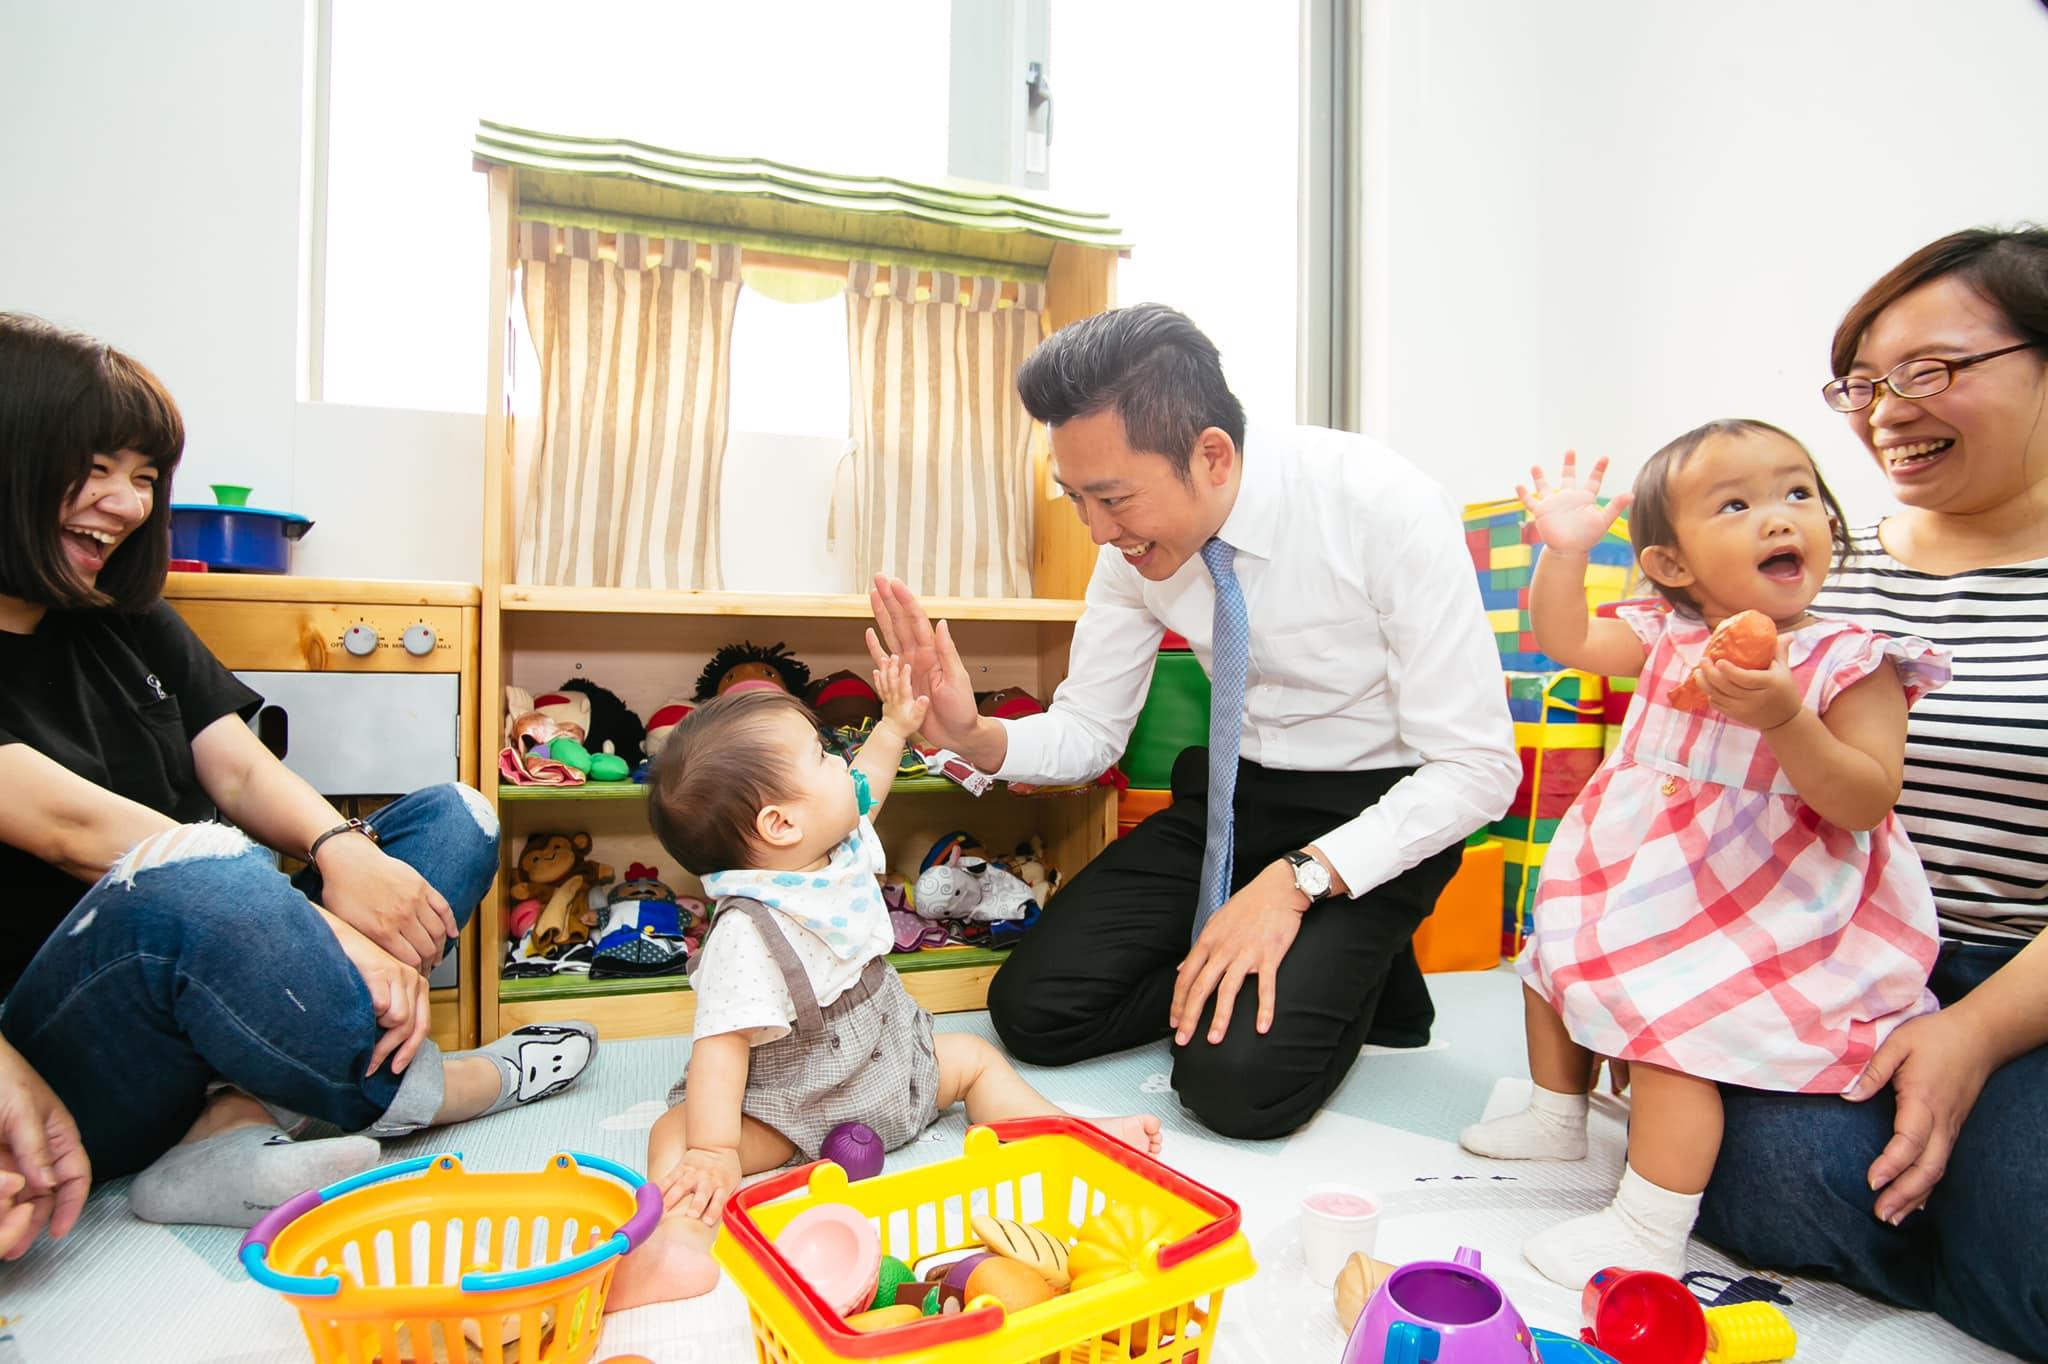 全台第三個定點臨托的縣市在新竹市!新竹婦女館提供定點臨時托育服務